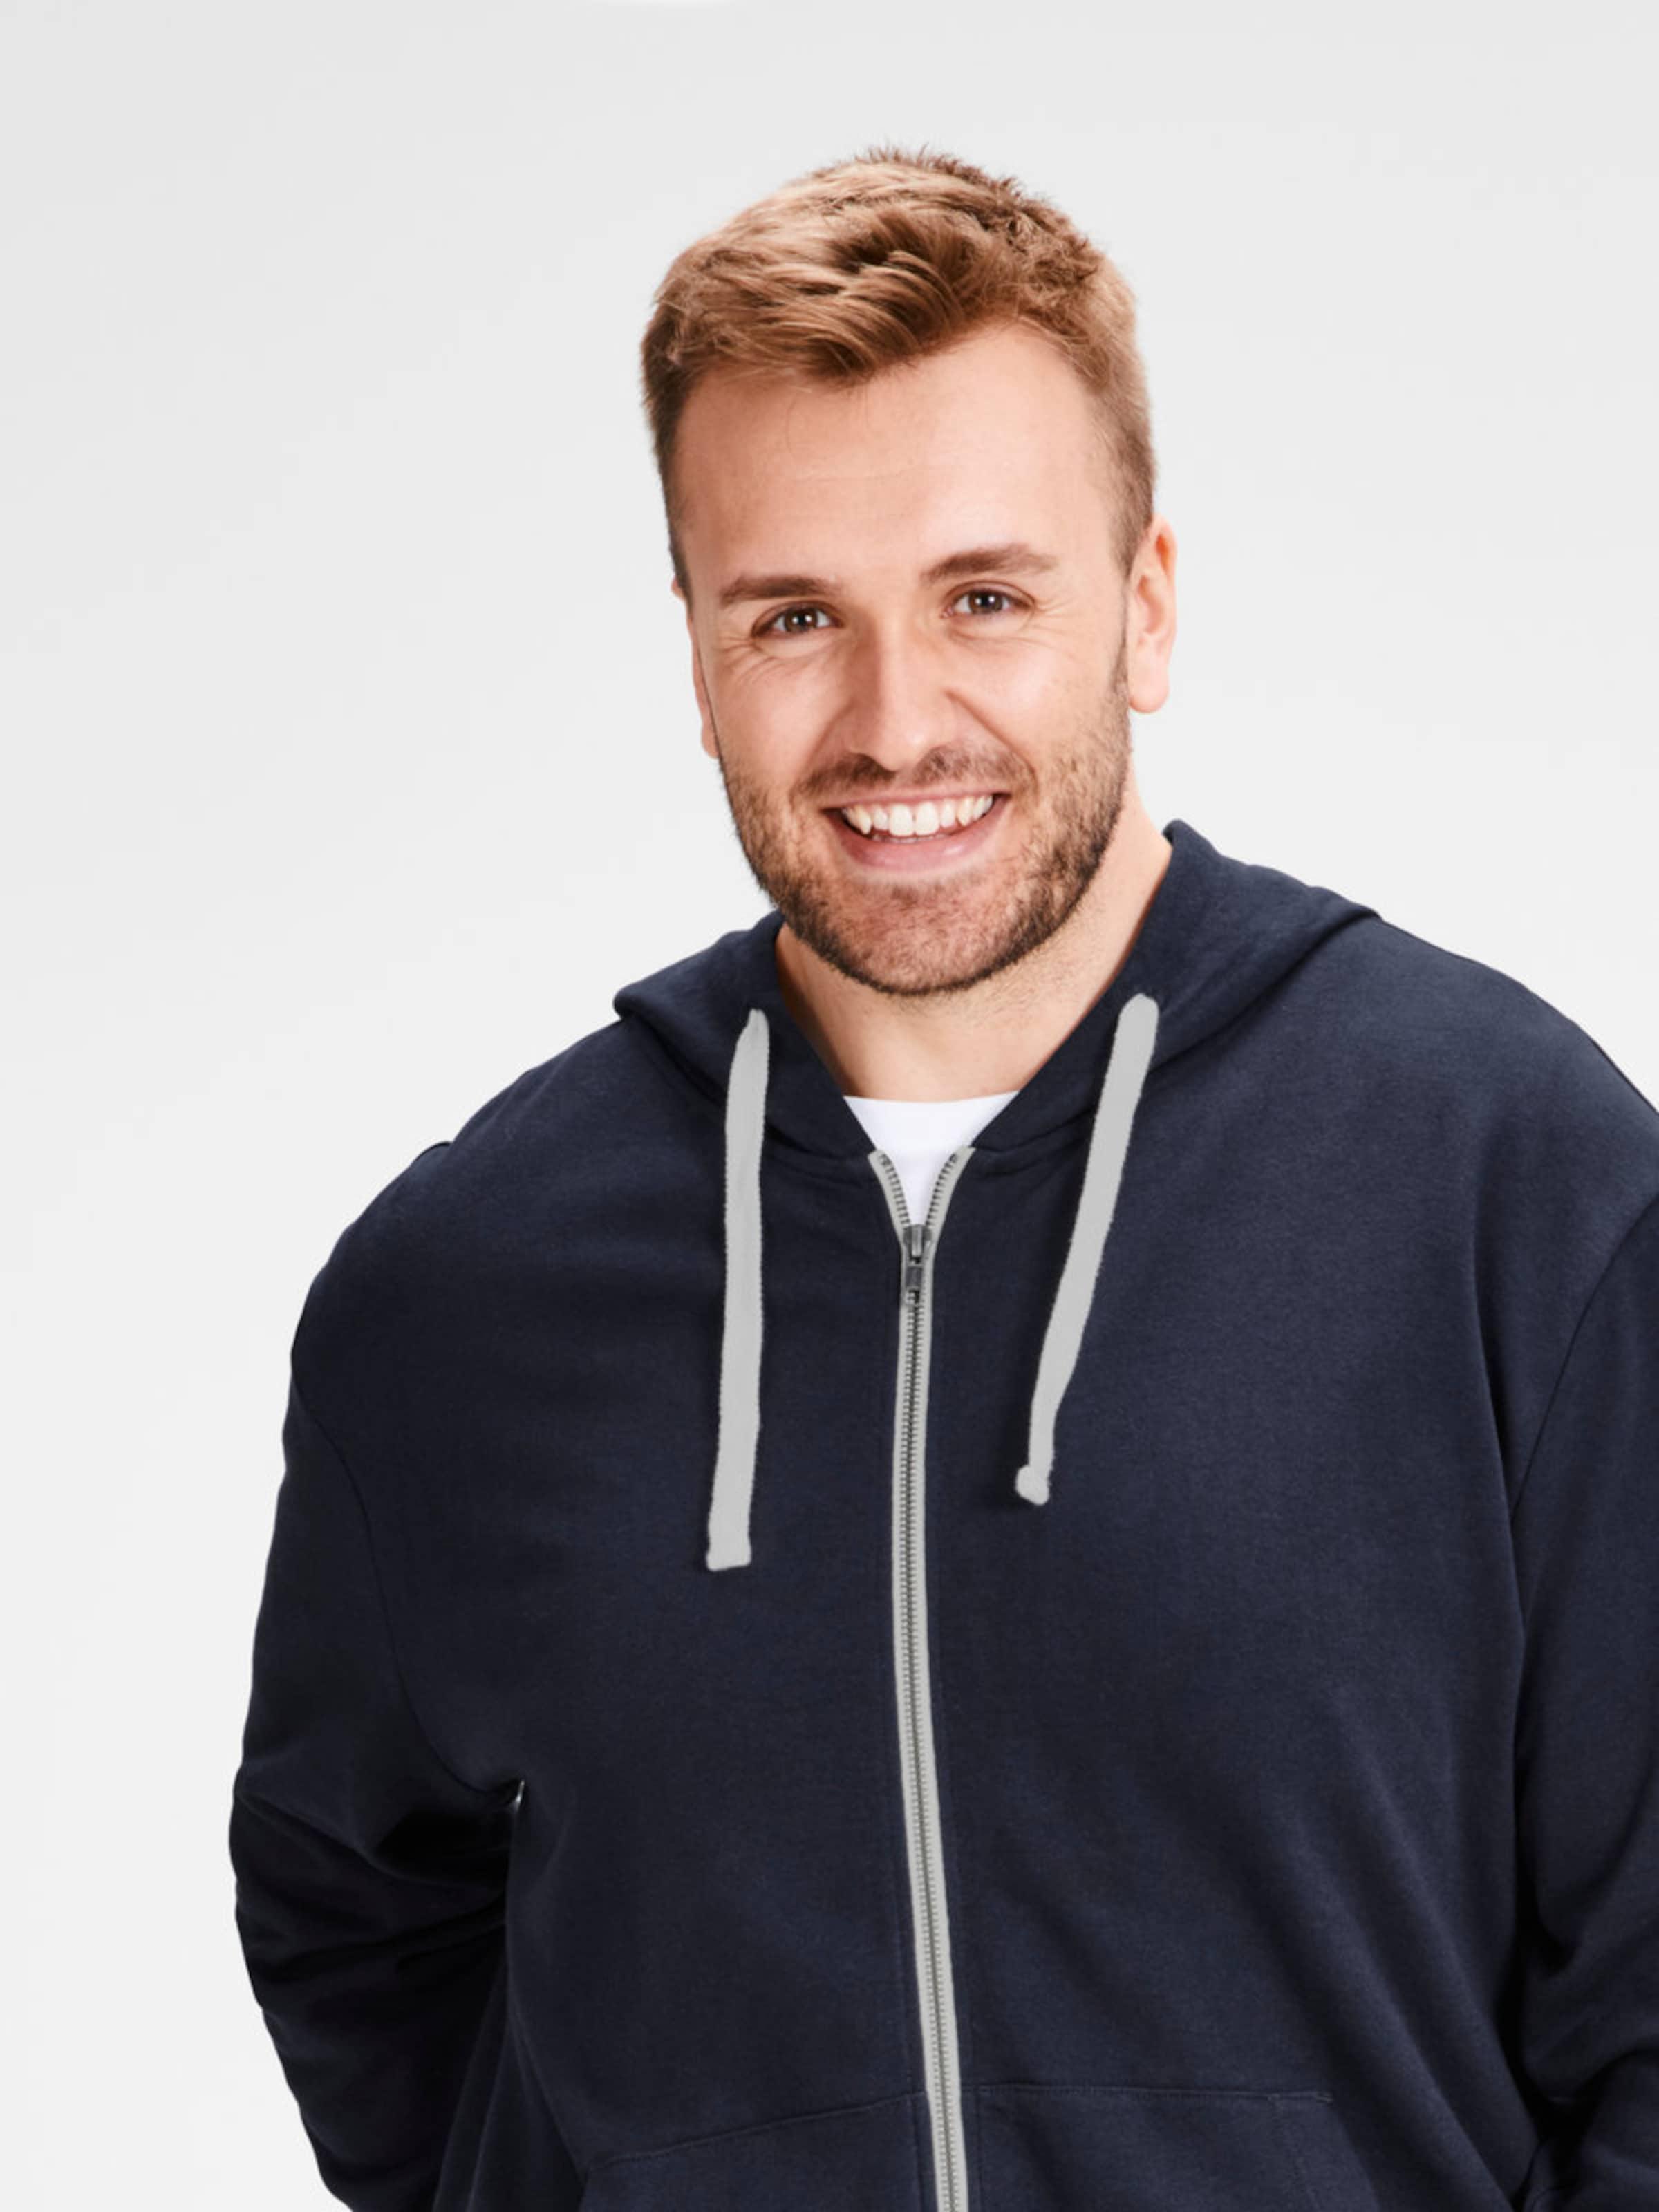 Navy In Sweatshirt Jackamp; Sweatshirt In Jones Sweatshirt In Jackamp; Navy Jackamp; Jones Jones nPk8wOXN0